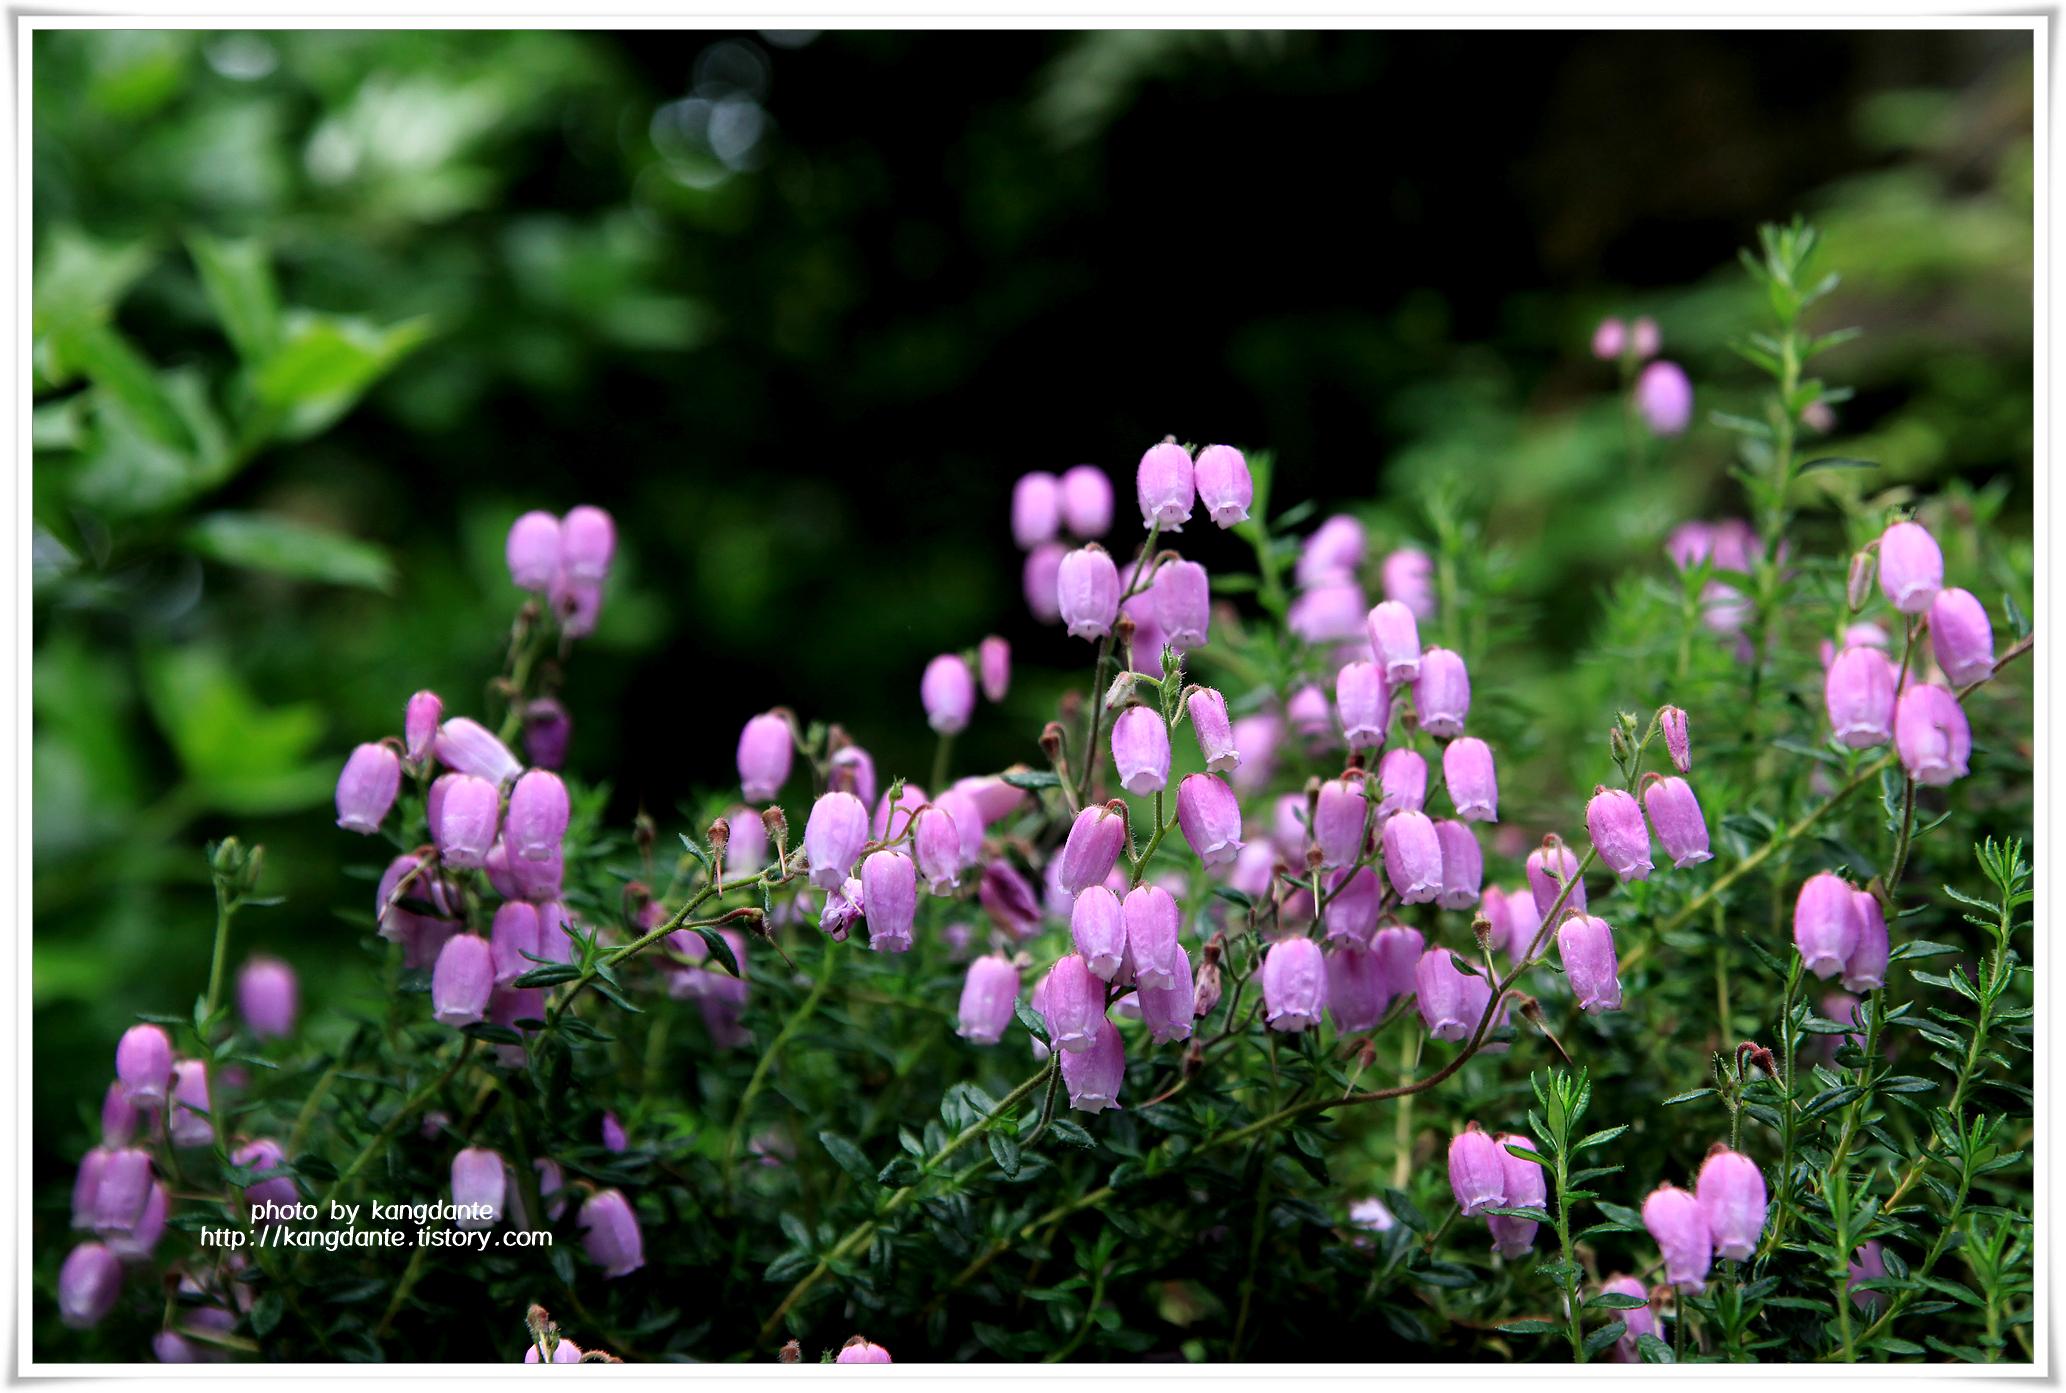 항아리 모양의 자홍색 꽃이 피는 가솔송